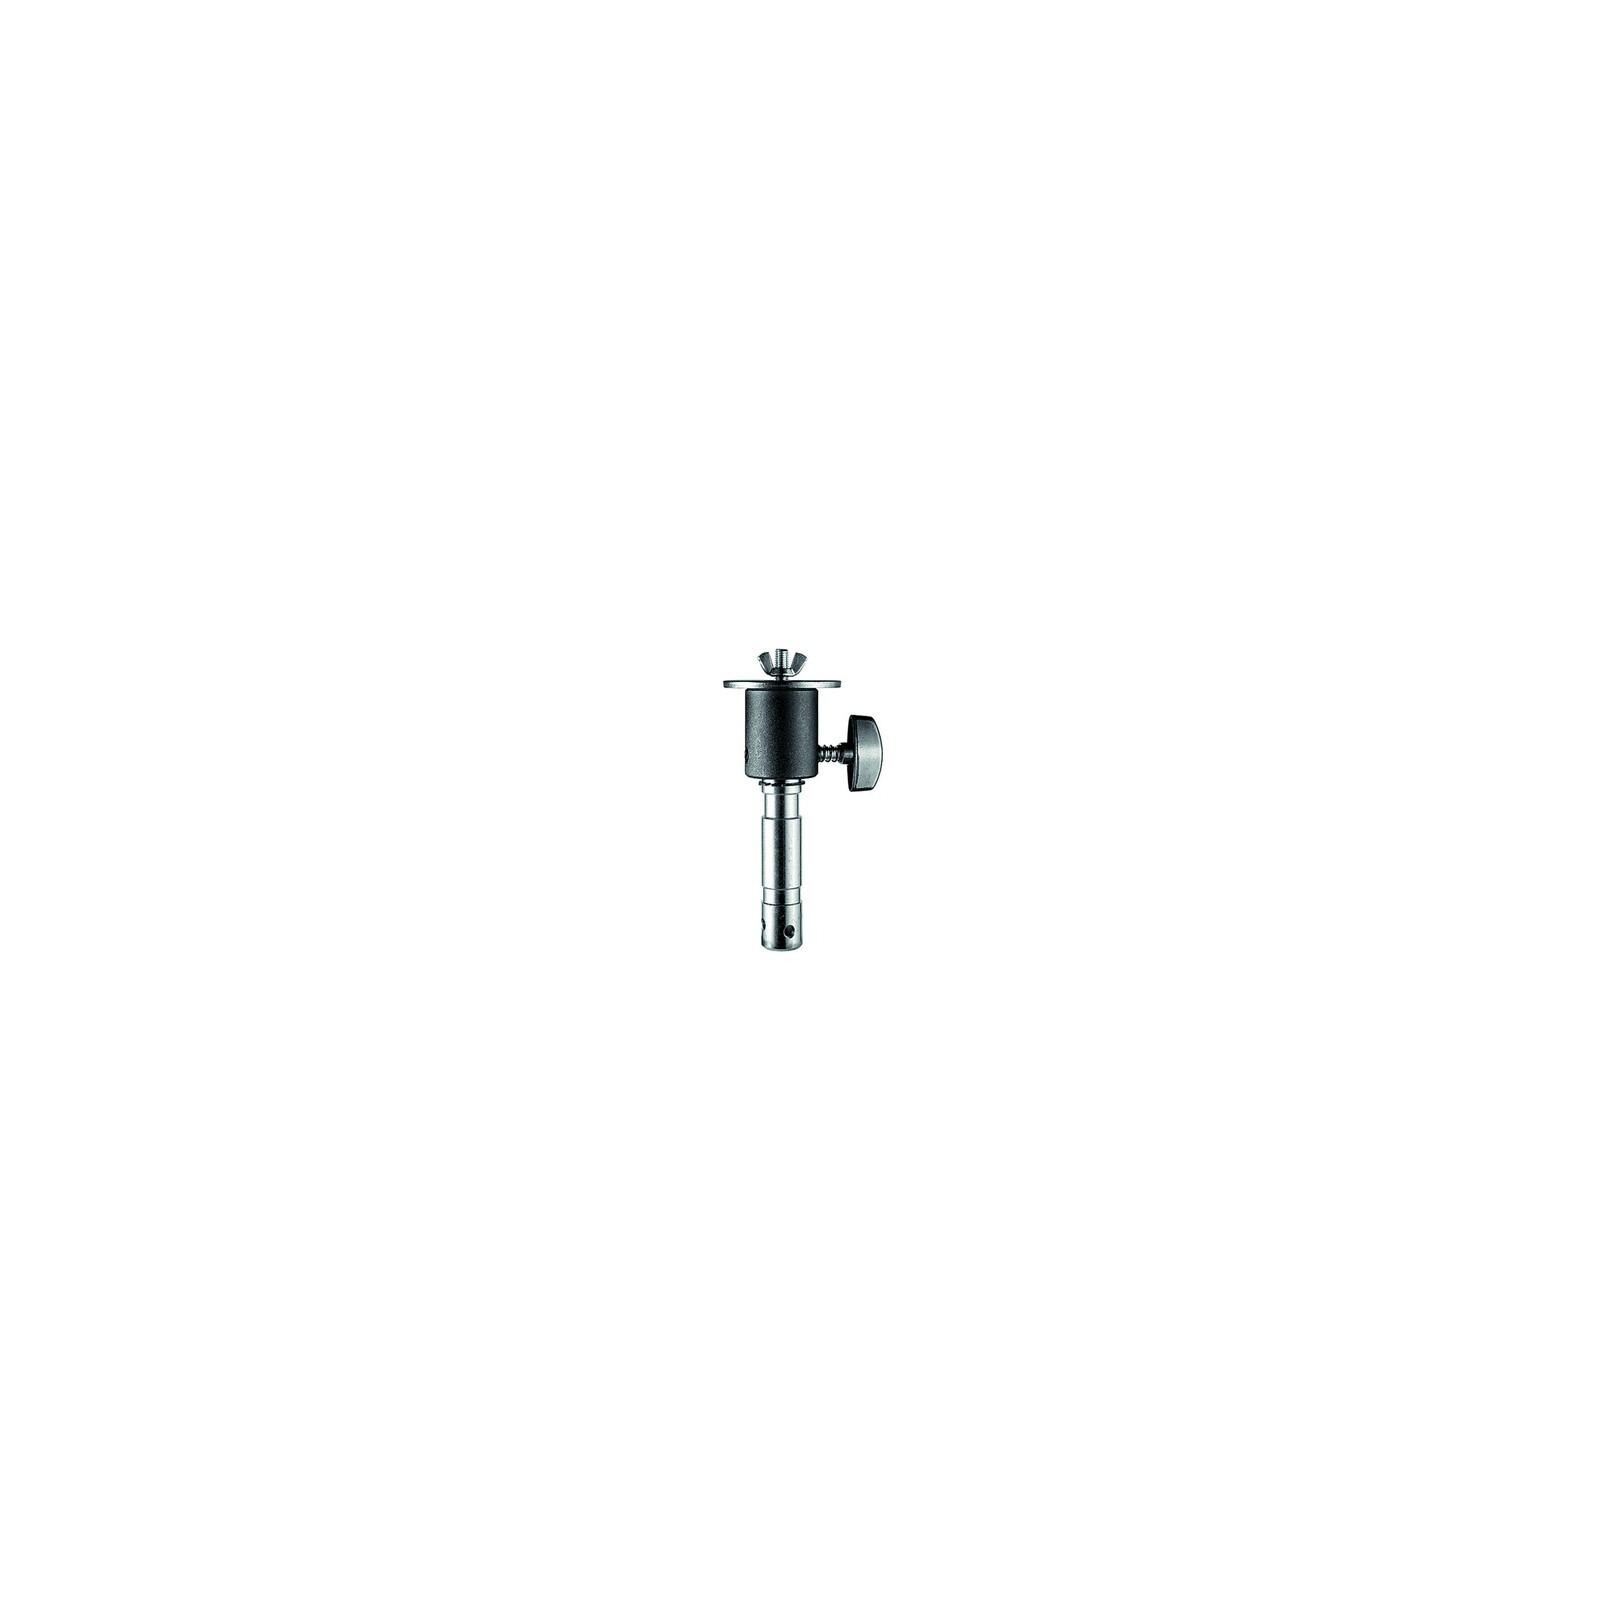 Manfrotto 616-12 Zapfen 28mm